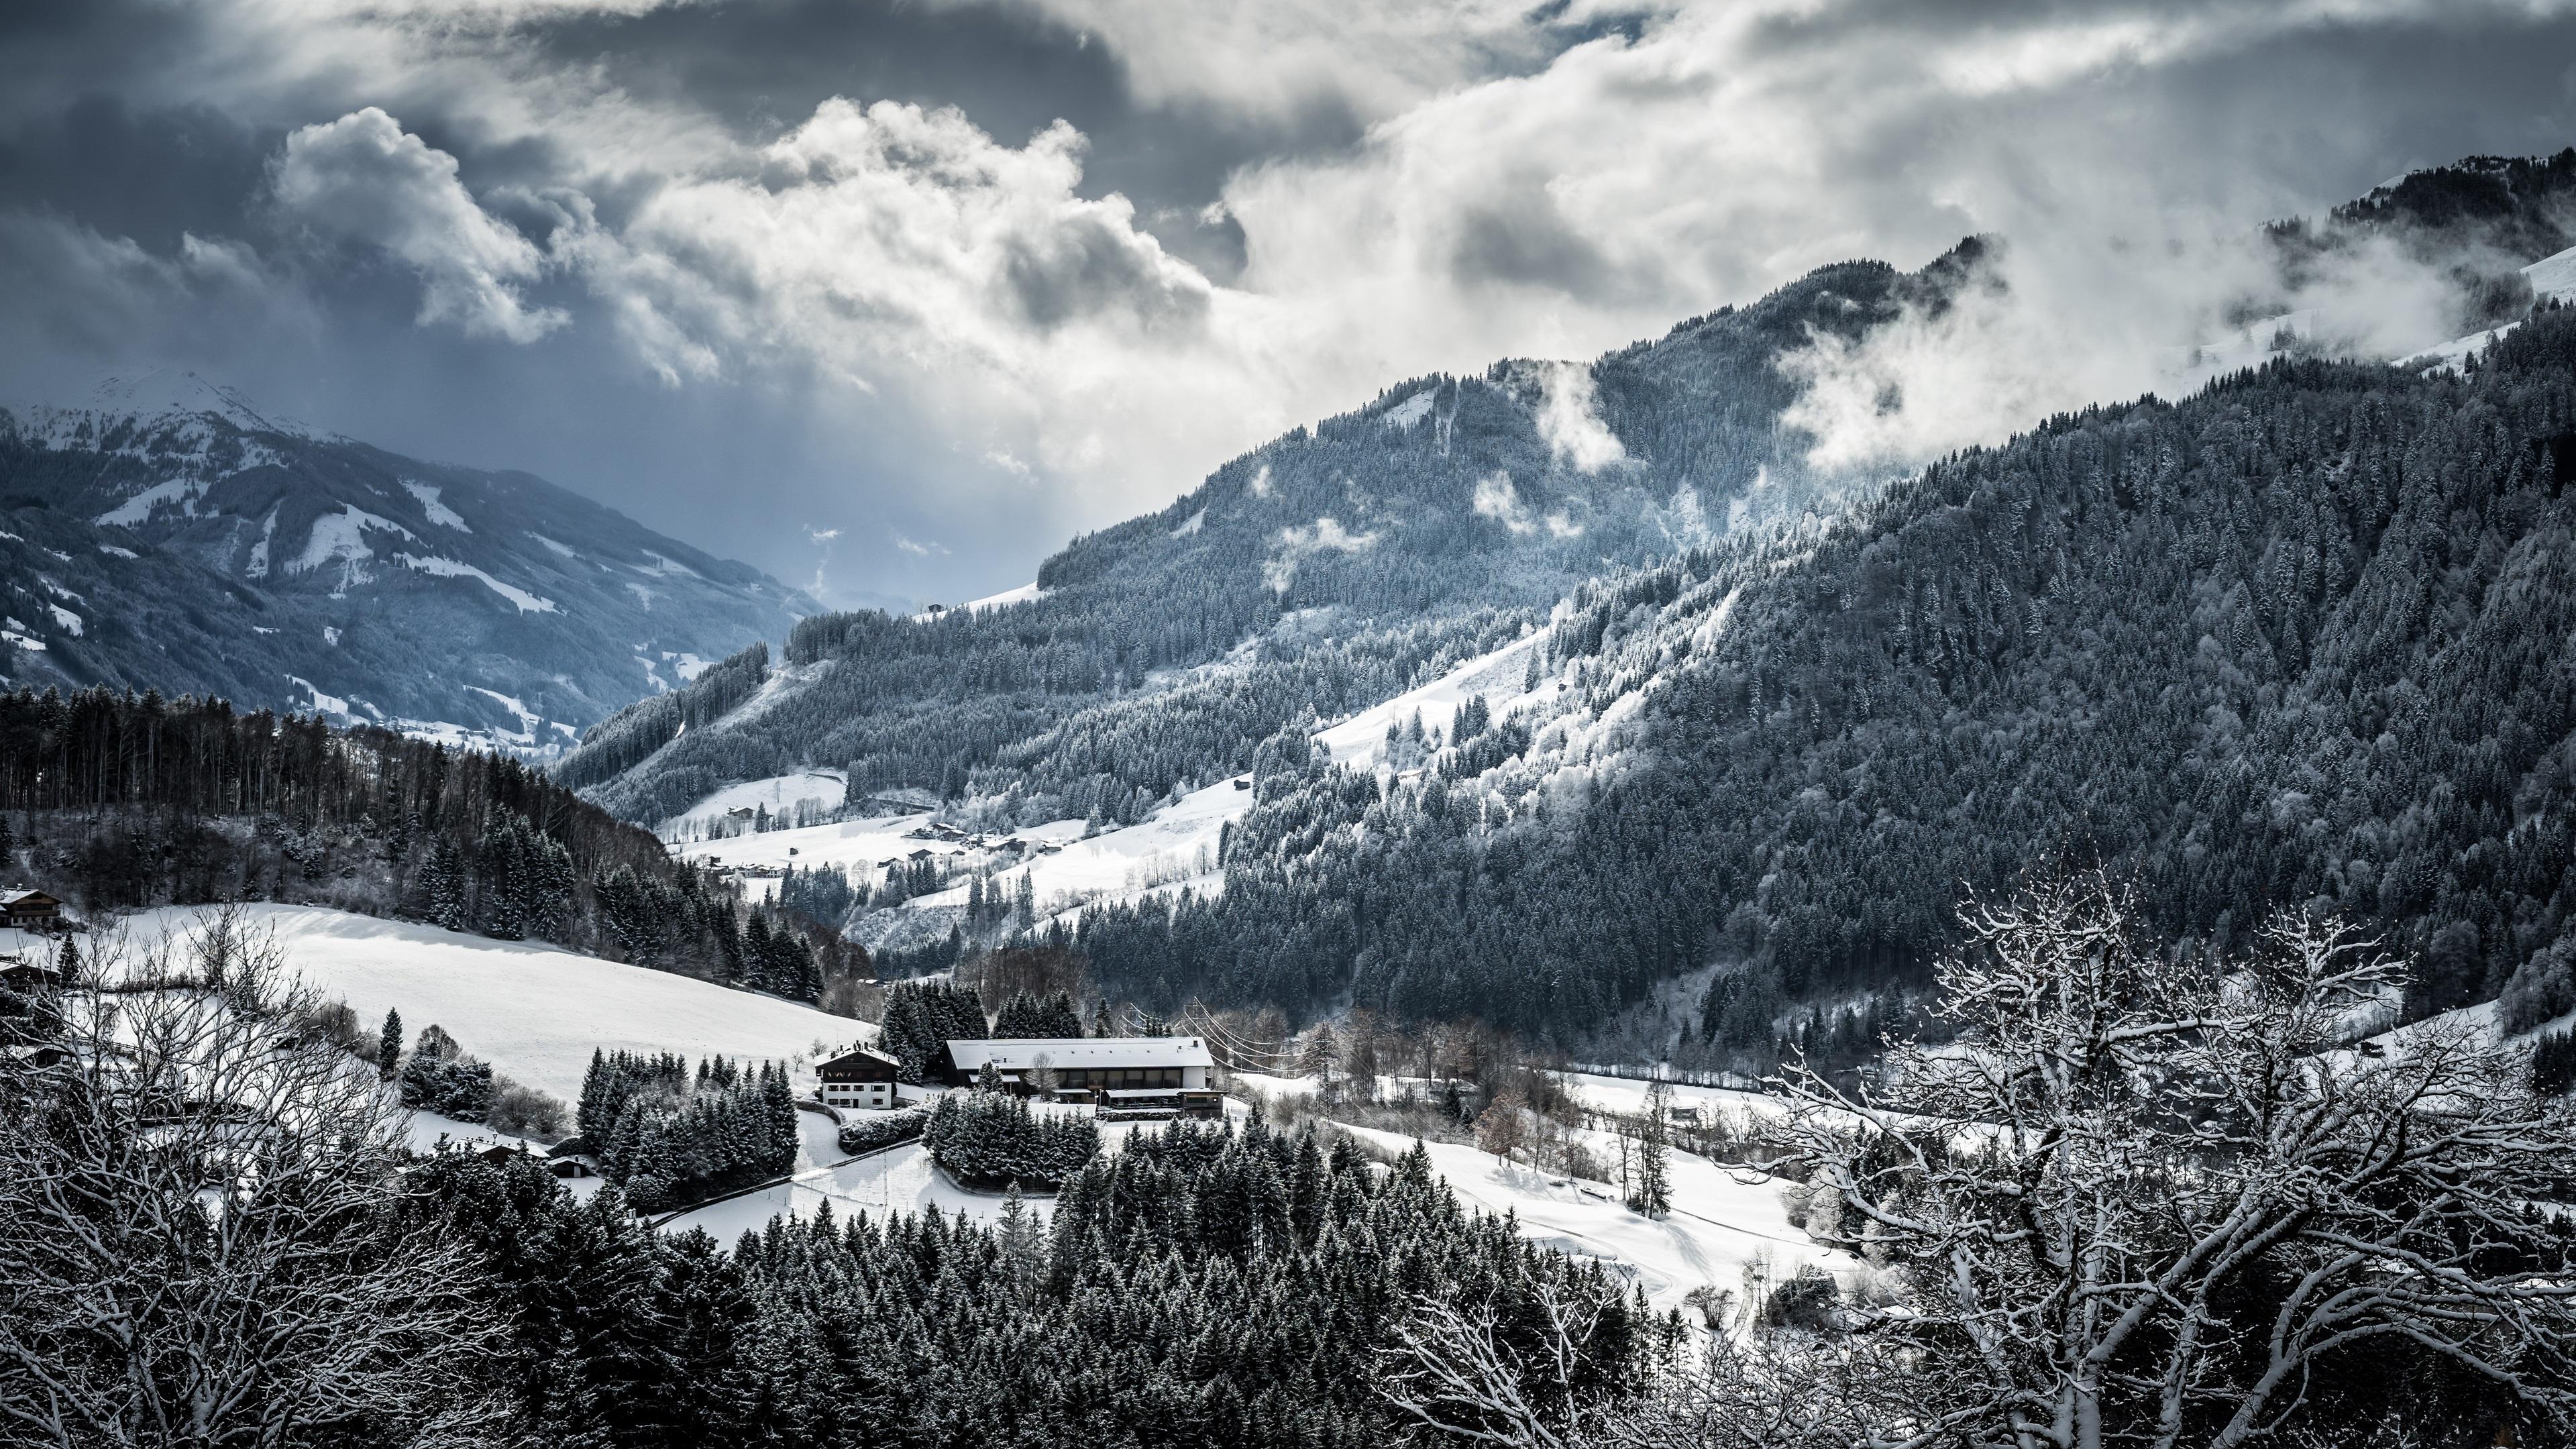 壁纸 冬天,山,树,雪,云,村庄 3840x2160 UHD 4K 高清壁纸, 图片, 照片